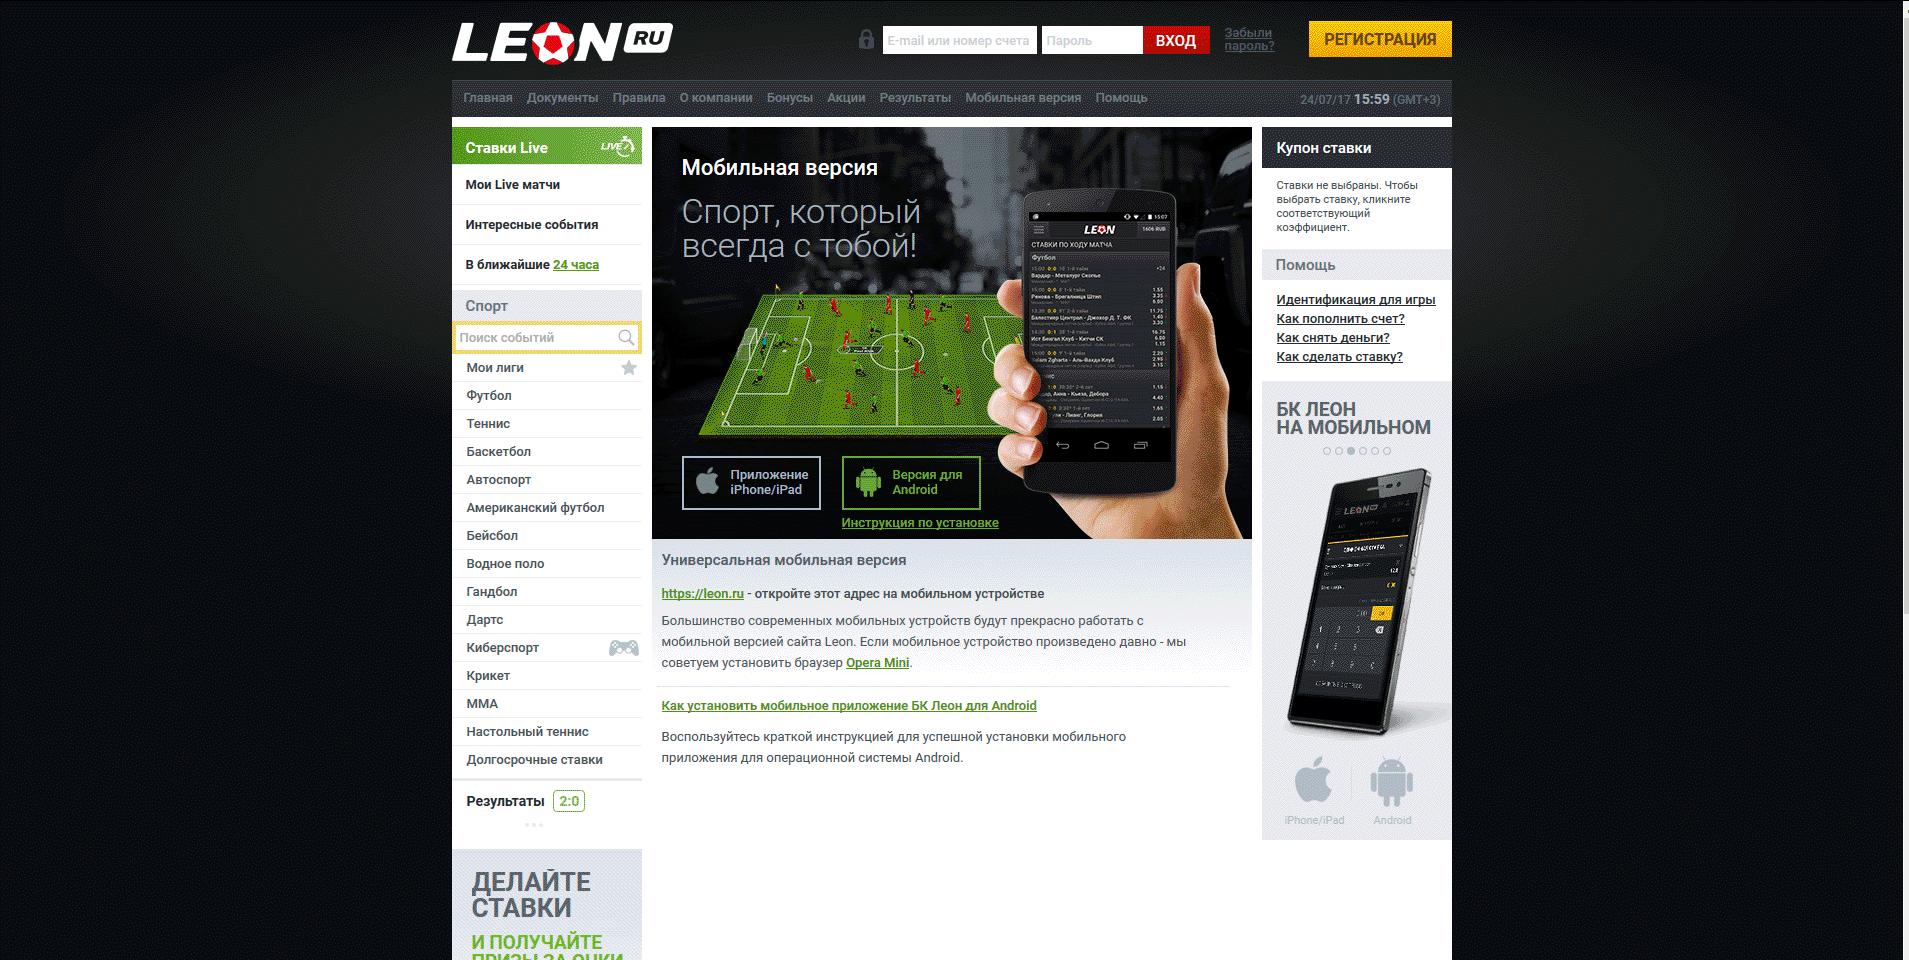 Leon.ru мобильная версия